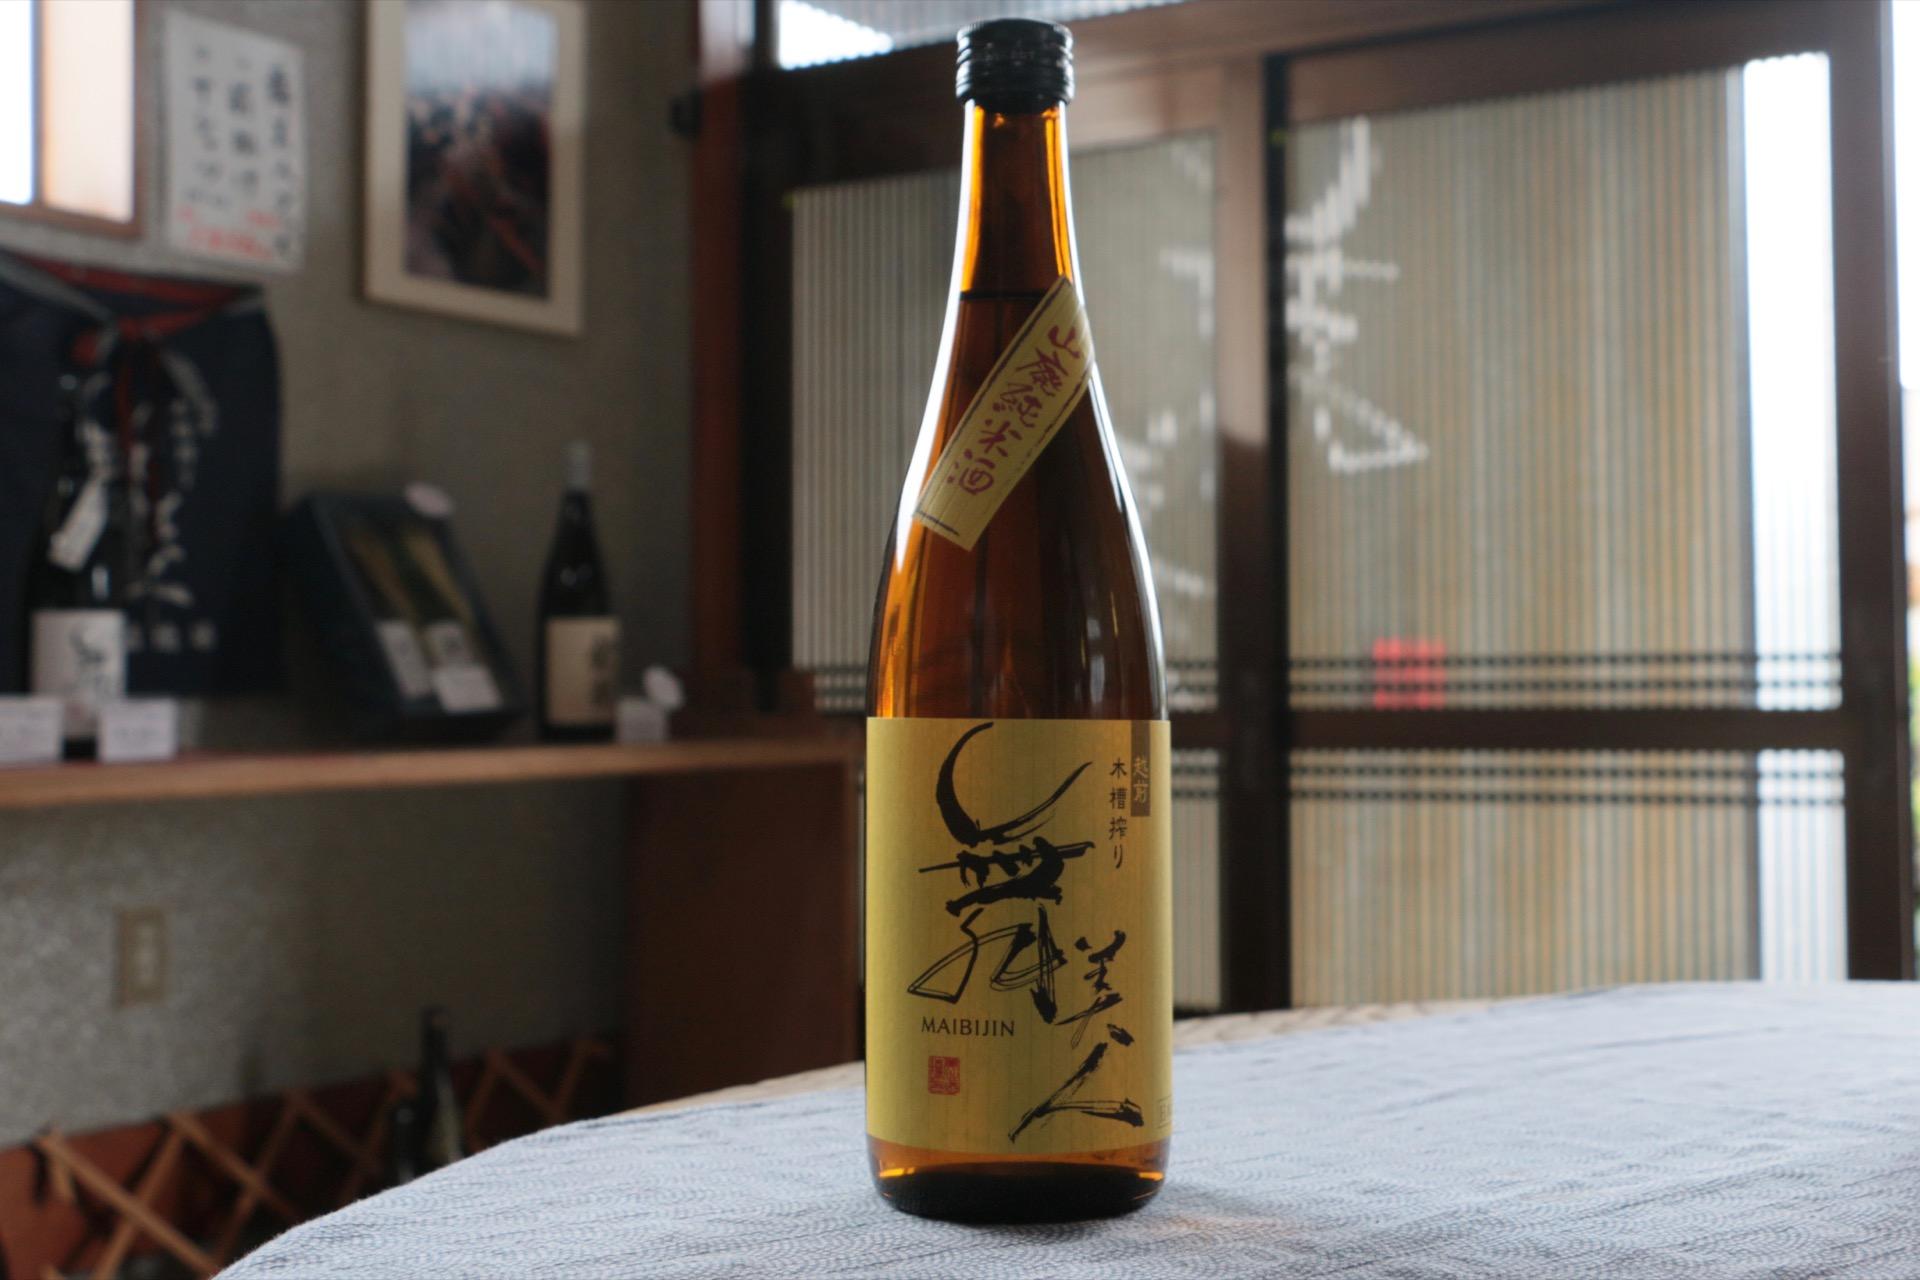 舞美人 蔵付き酵母仕込み 山廃純米酒|日本酒テイスティングノート